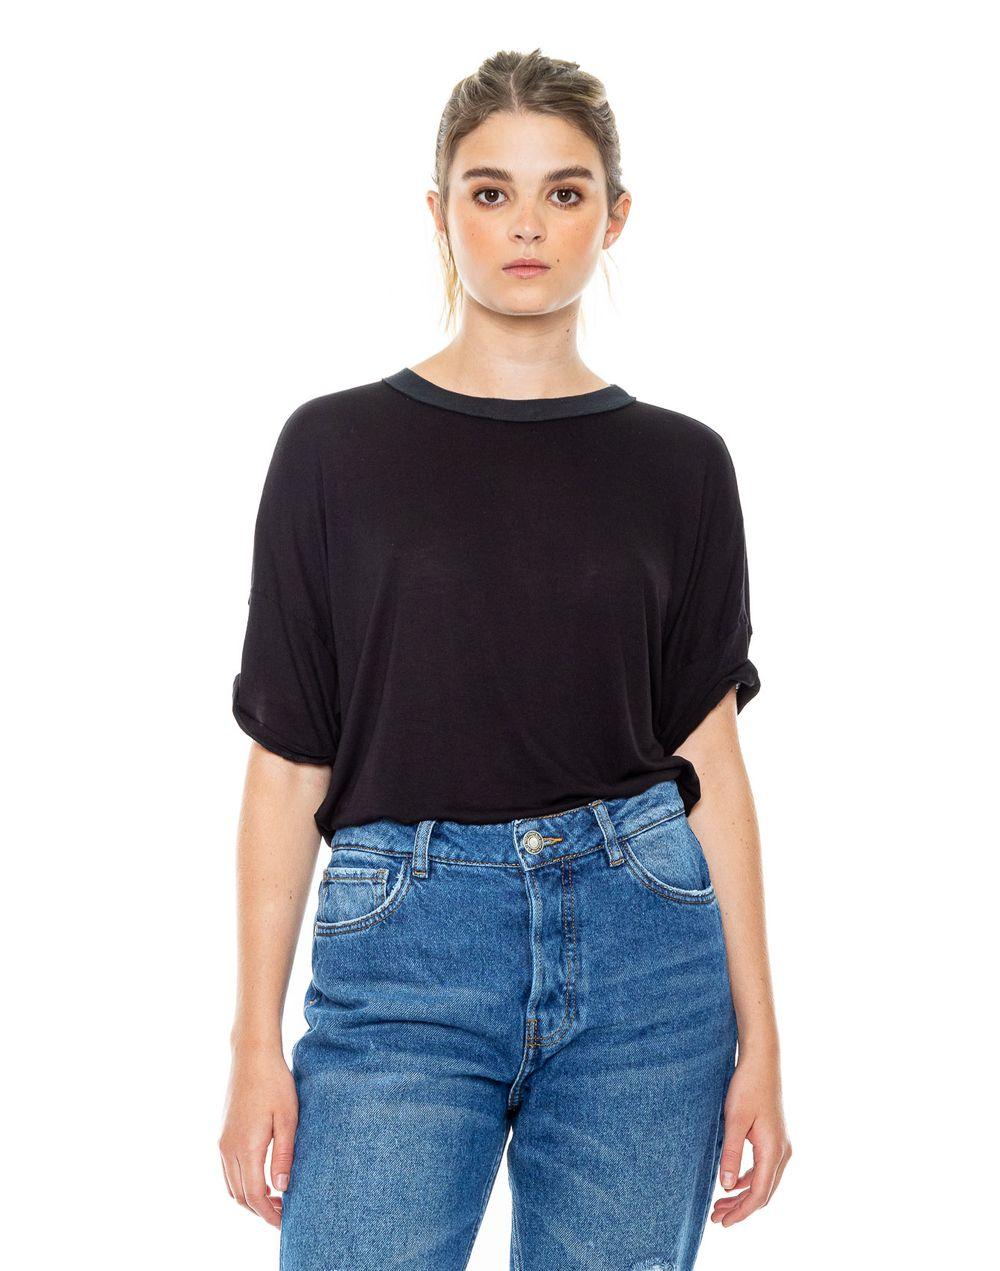 camiseta-180500-negro-1.jpg